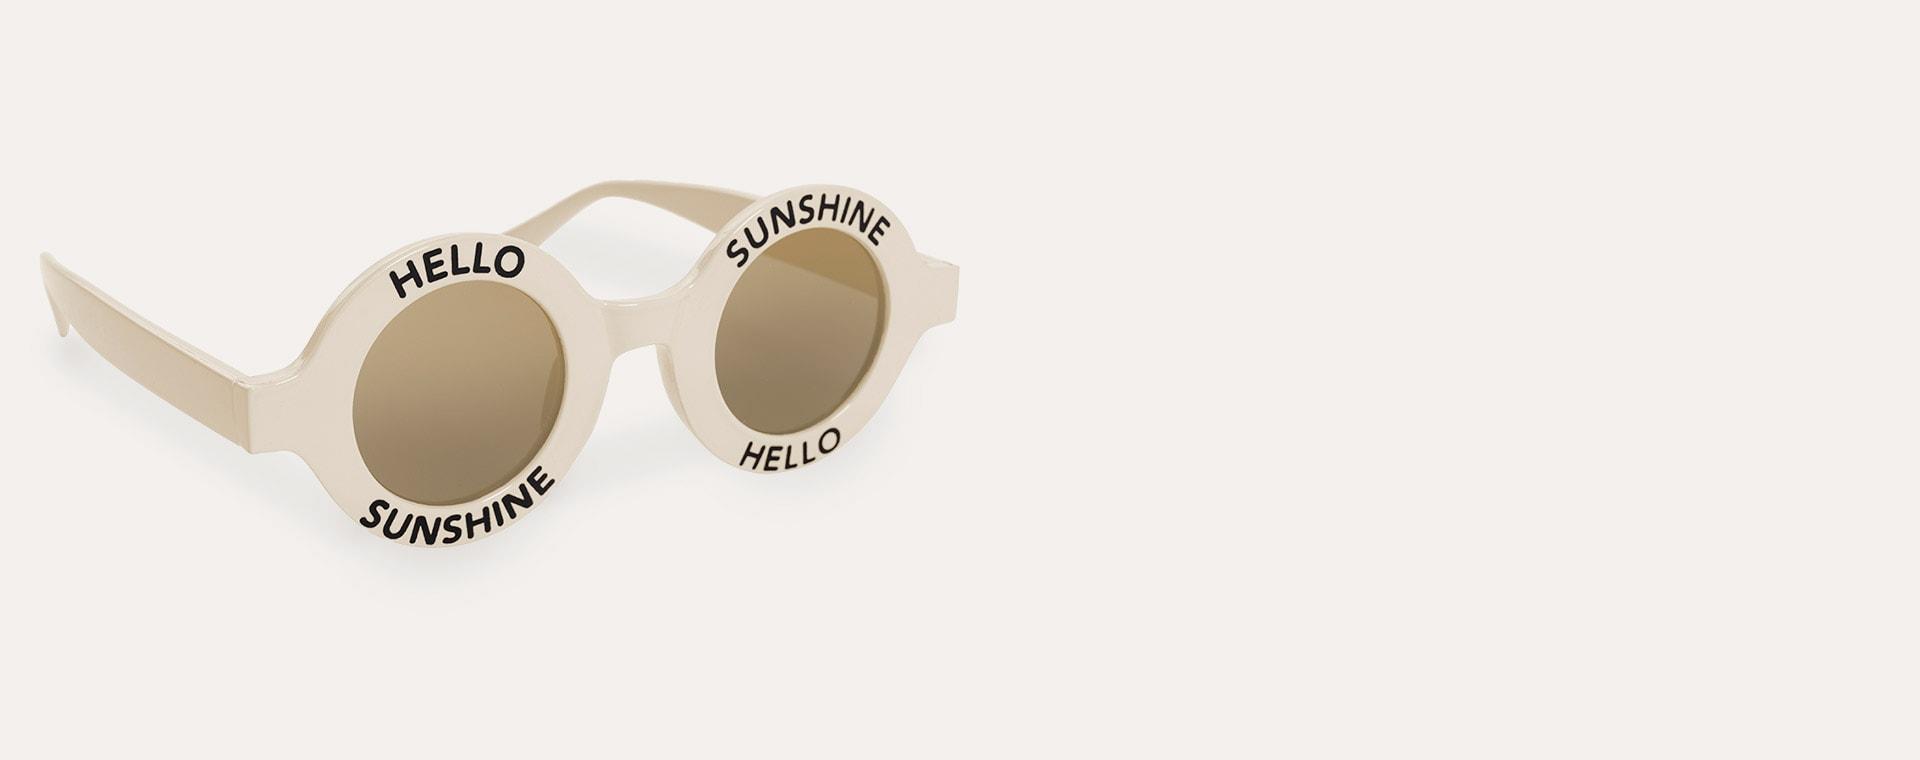 Hello Sunshine Sunnylife Mini Summer Sunnies